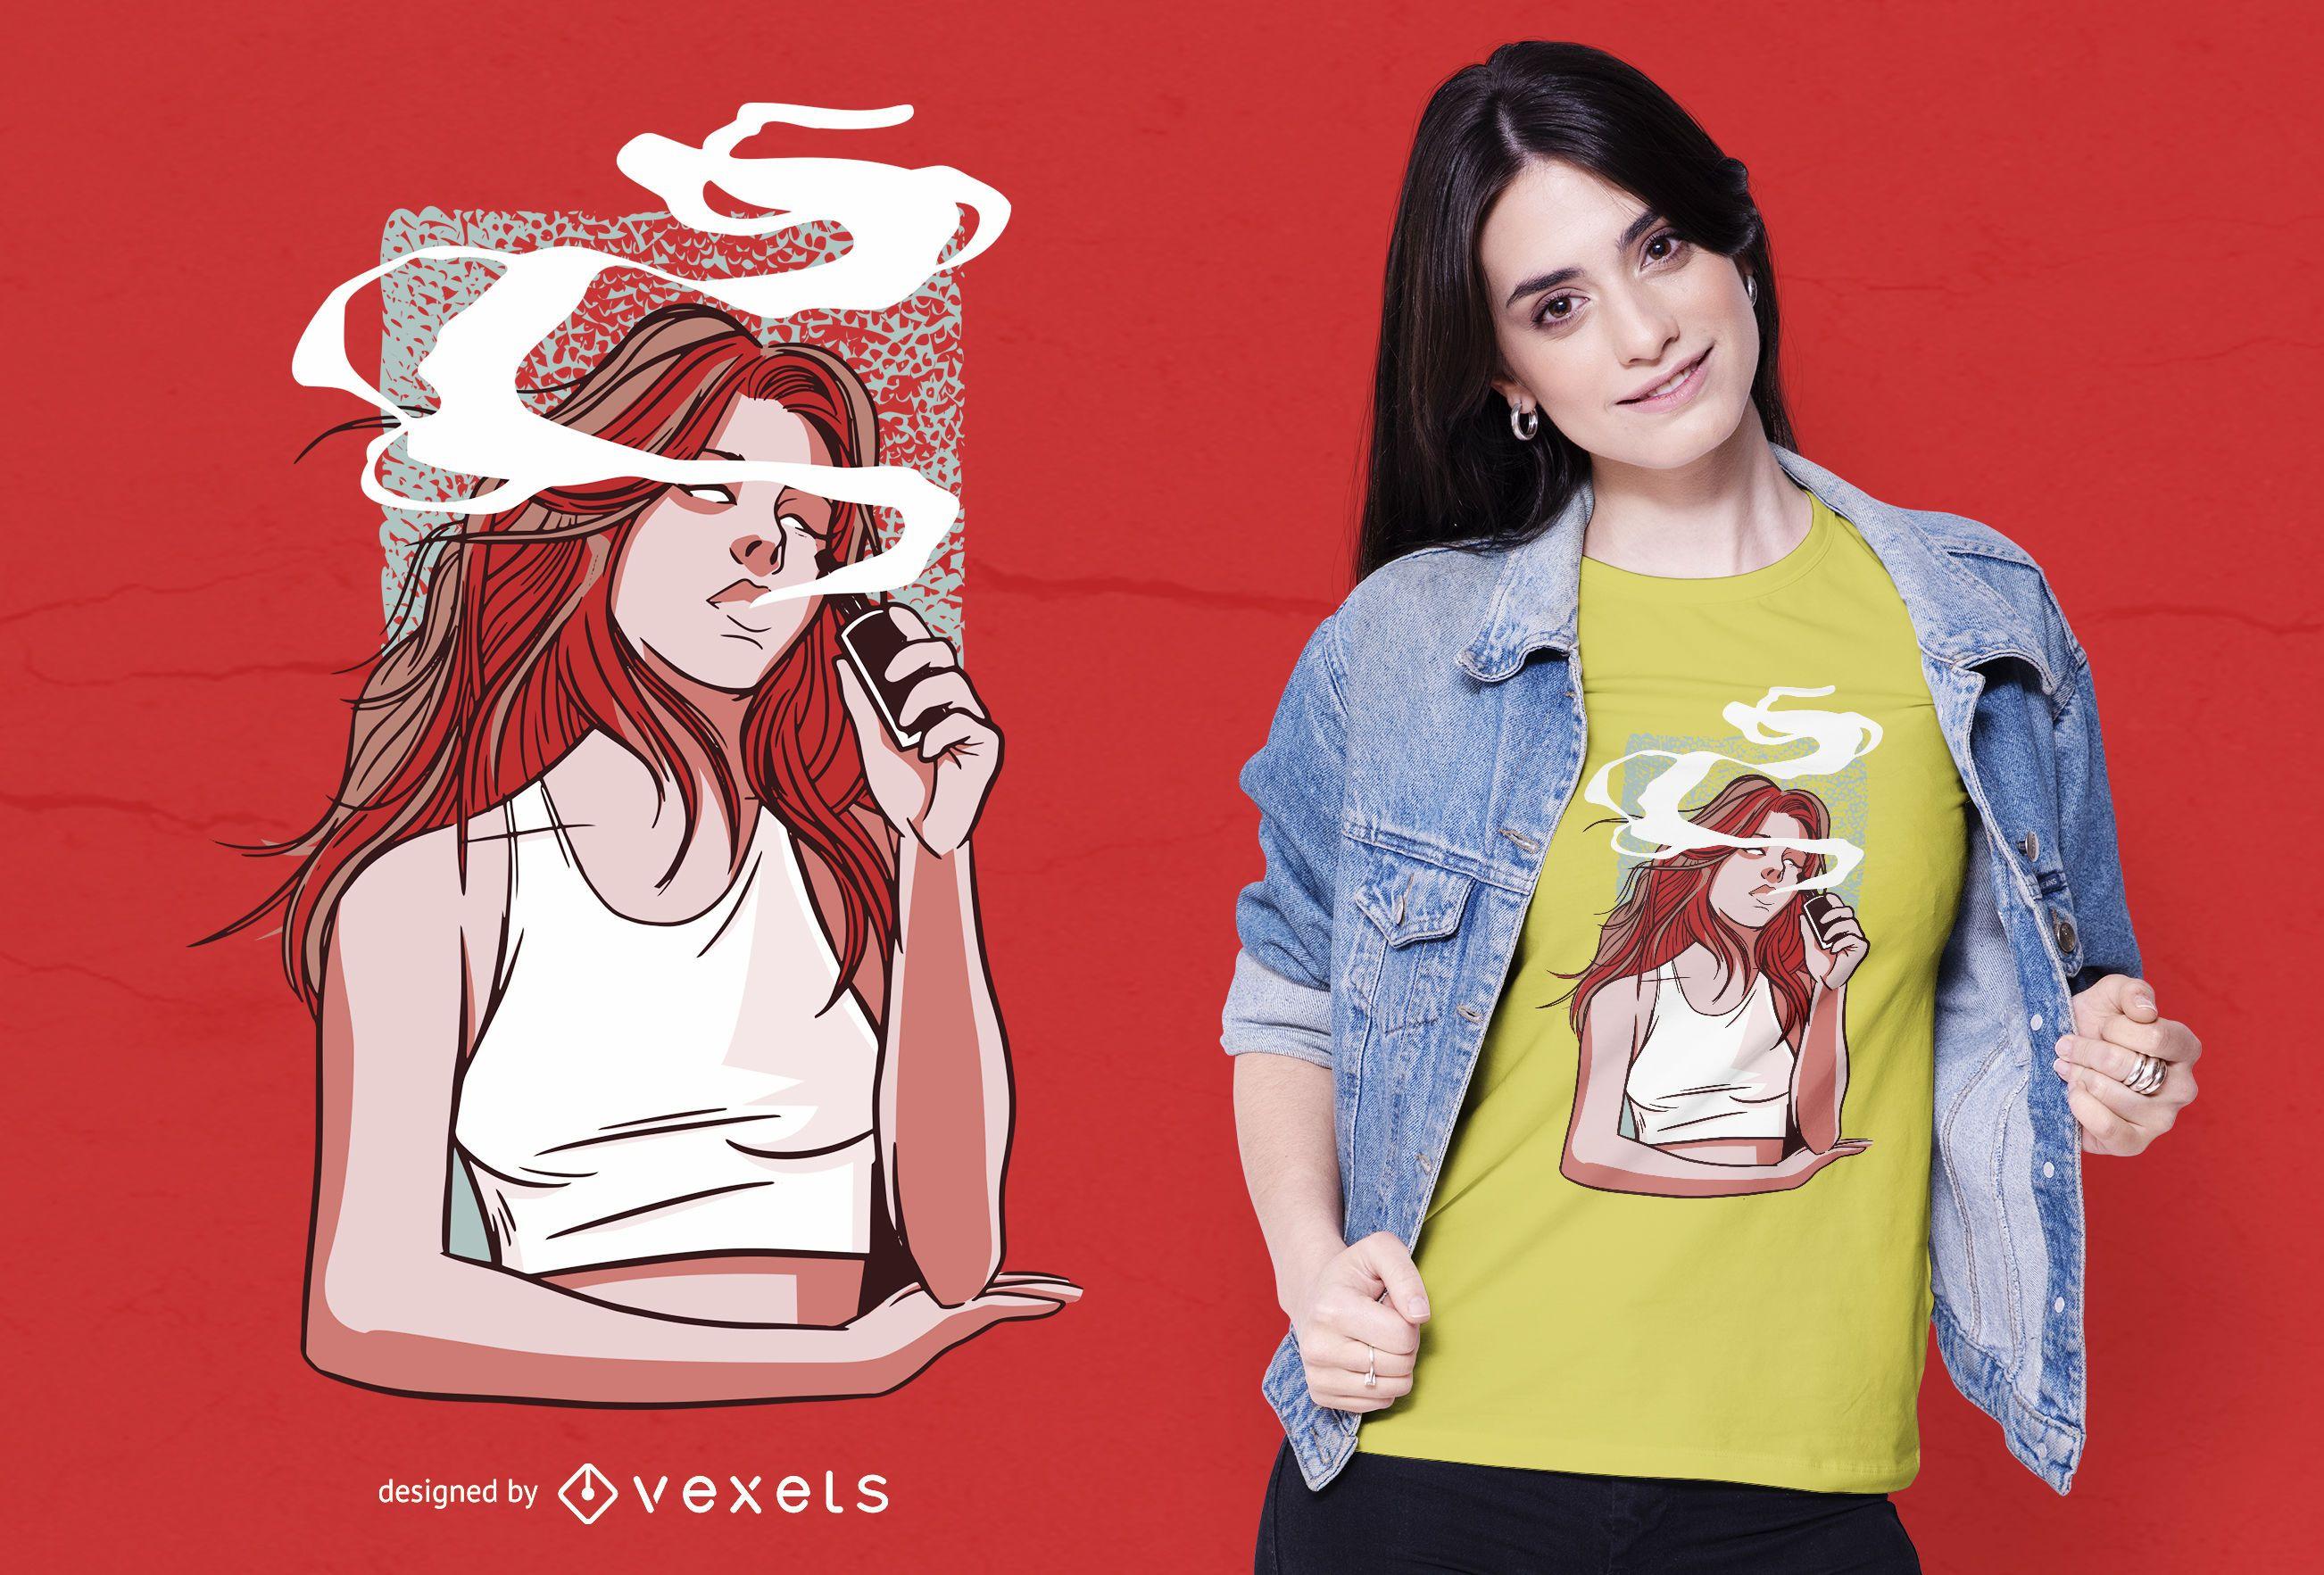 Dise?o de camiseta de ni?a fumando